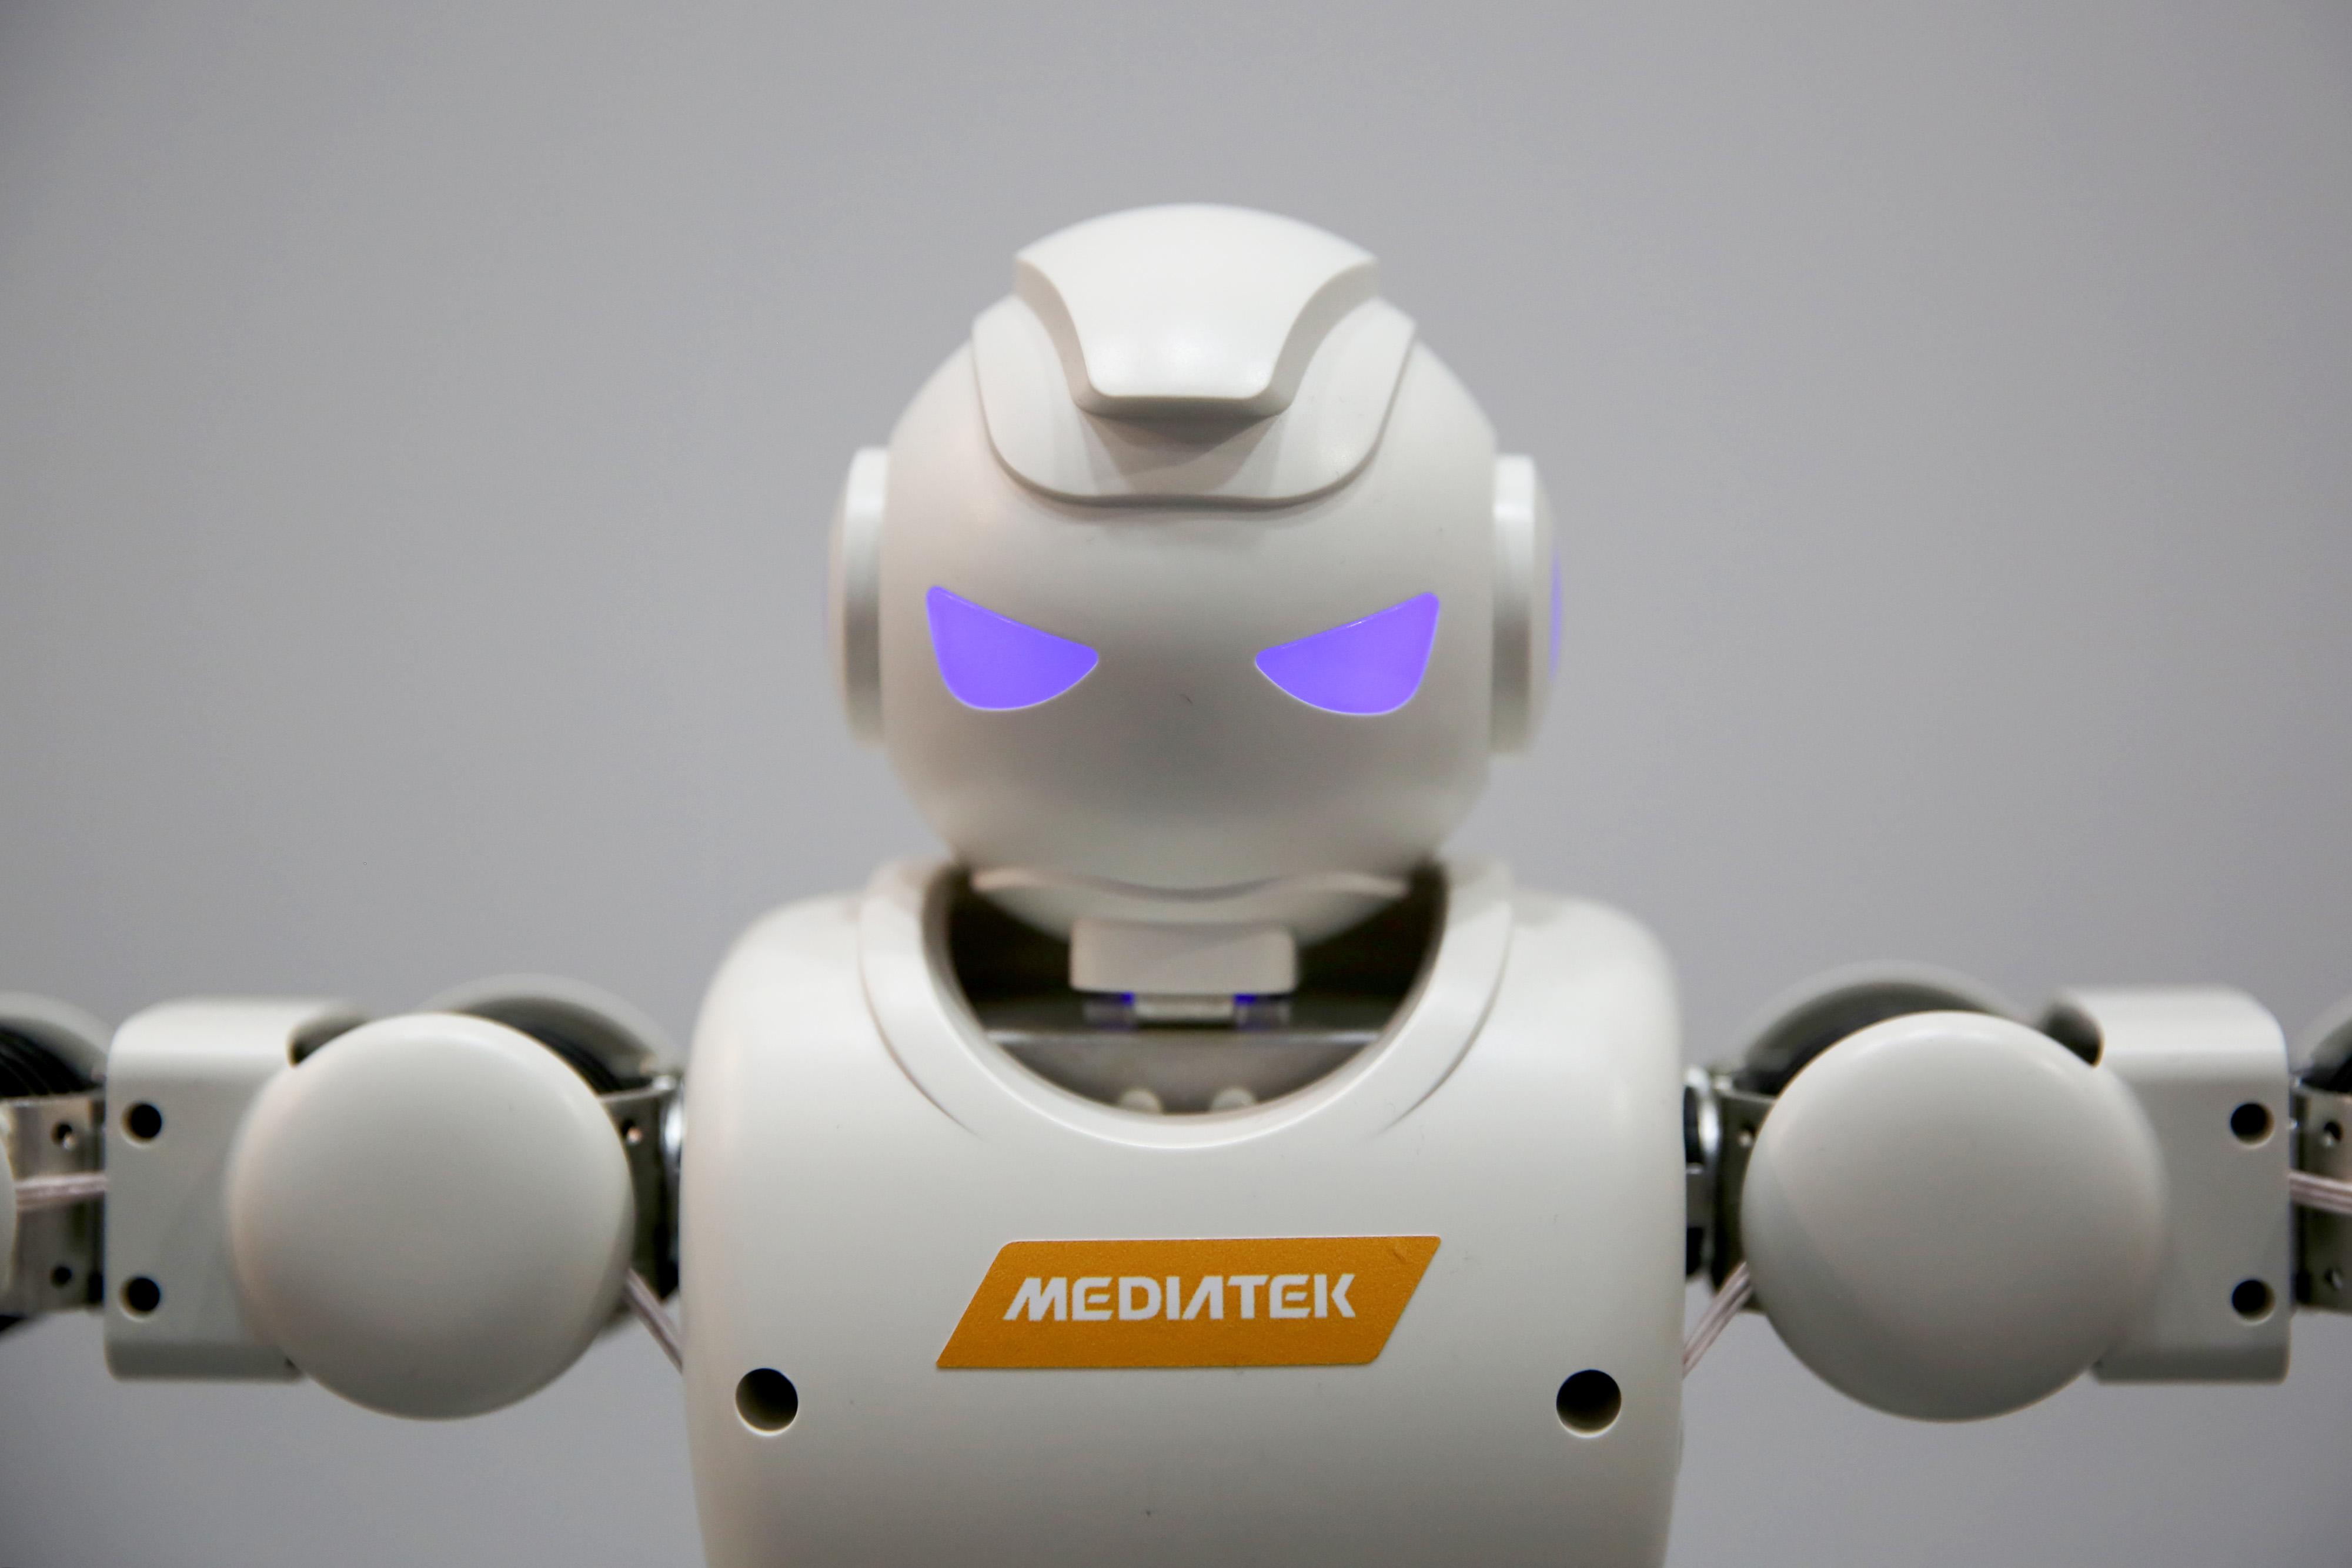 bloomberg.com - Mark Buchanan - Big Data Won't Build a Better Robot